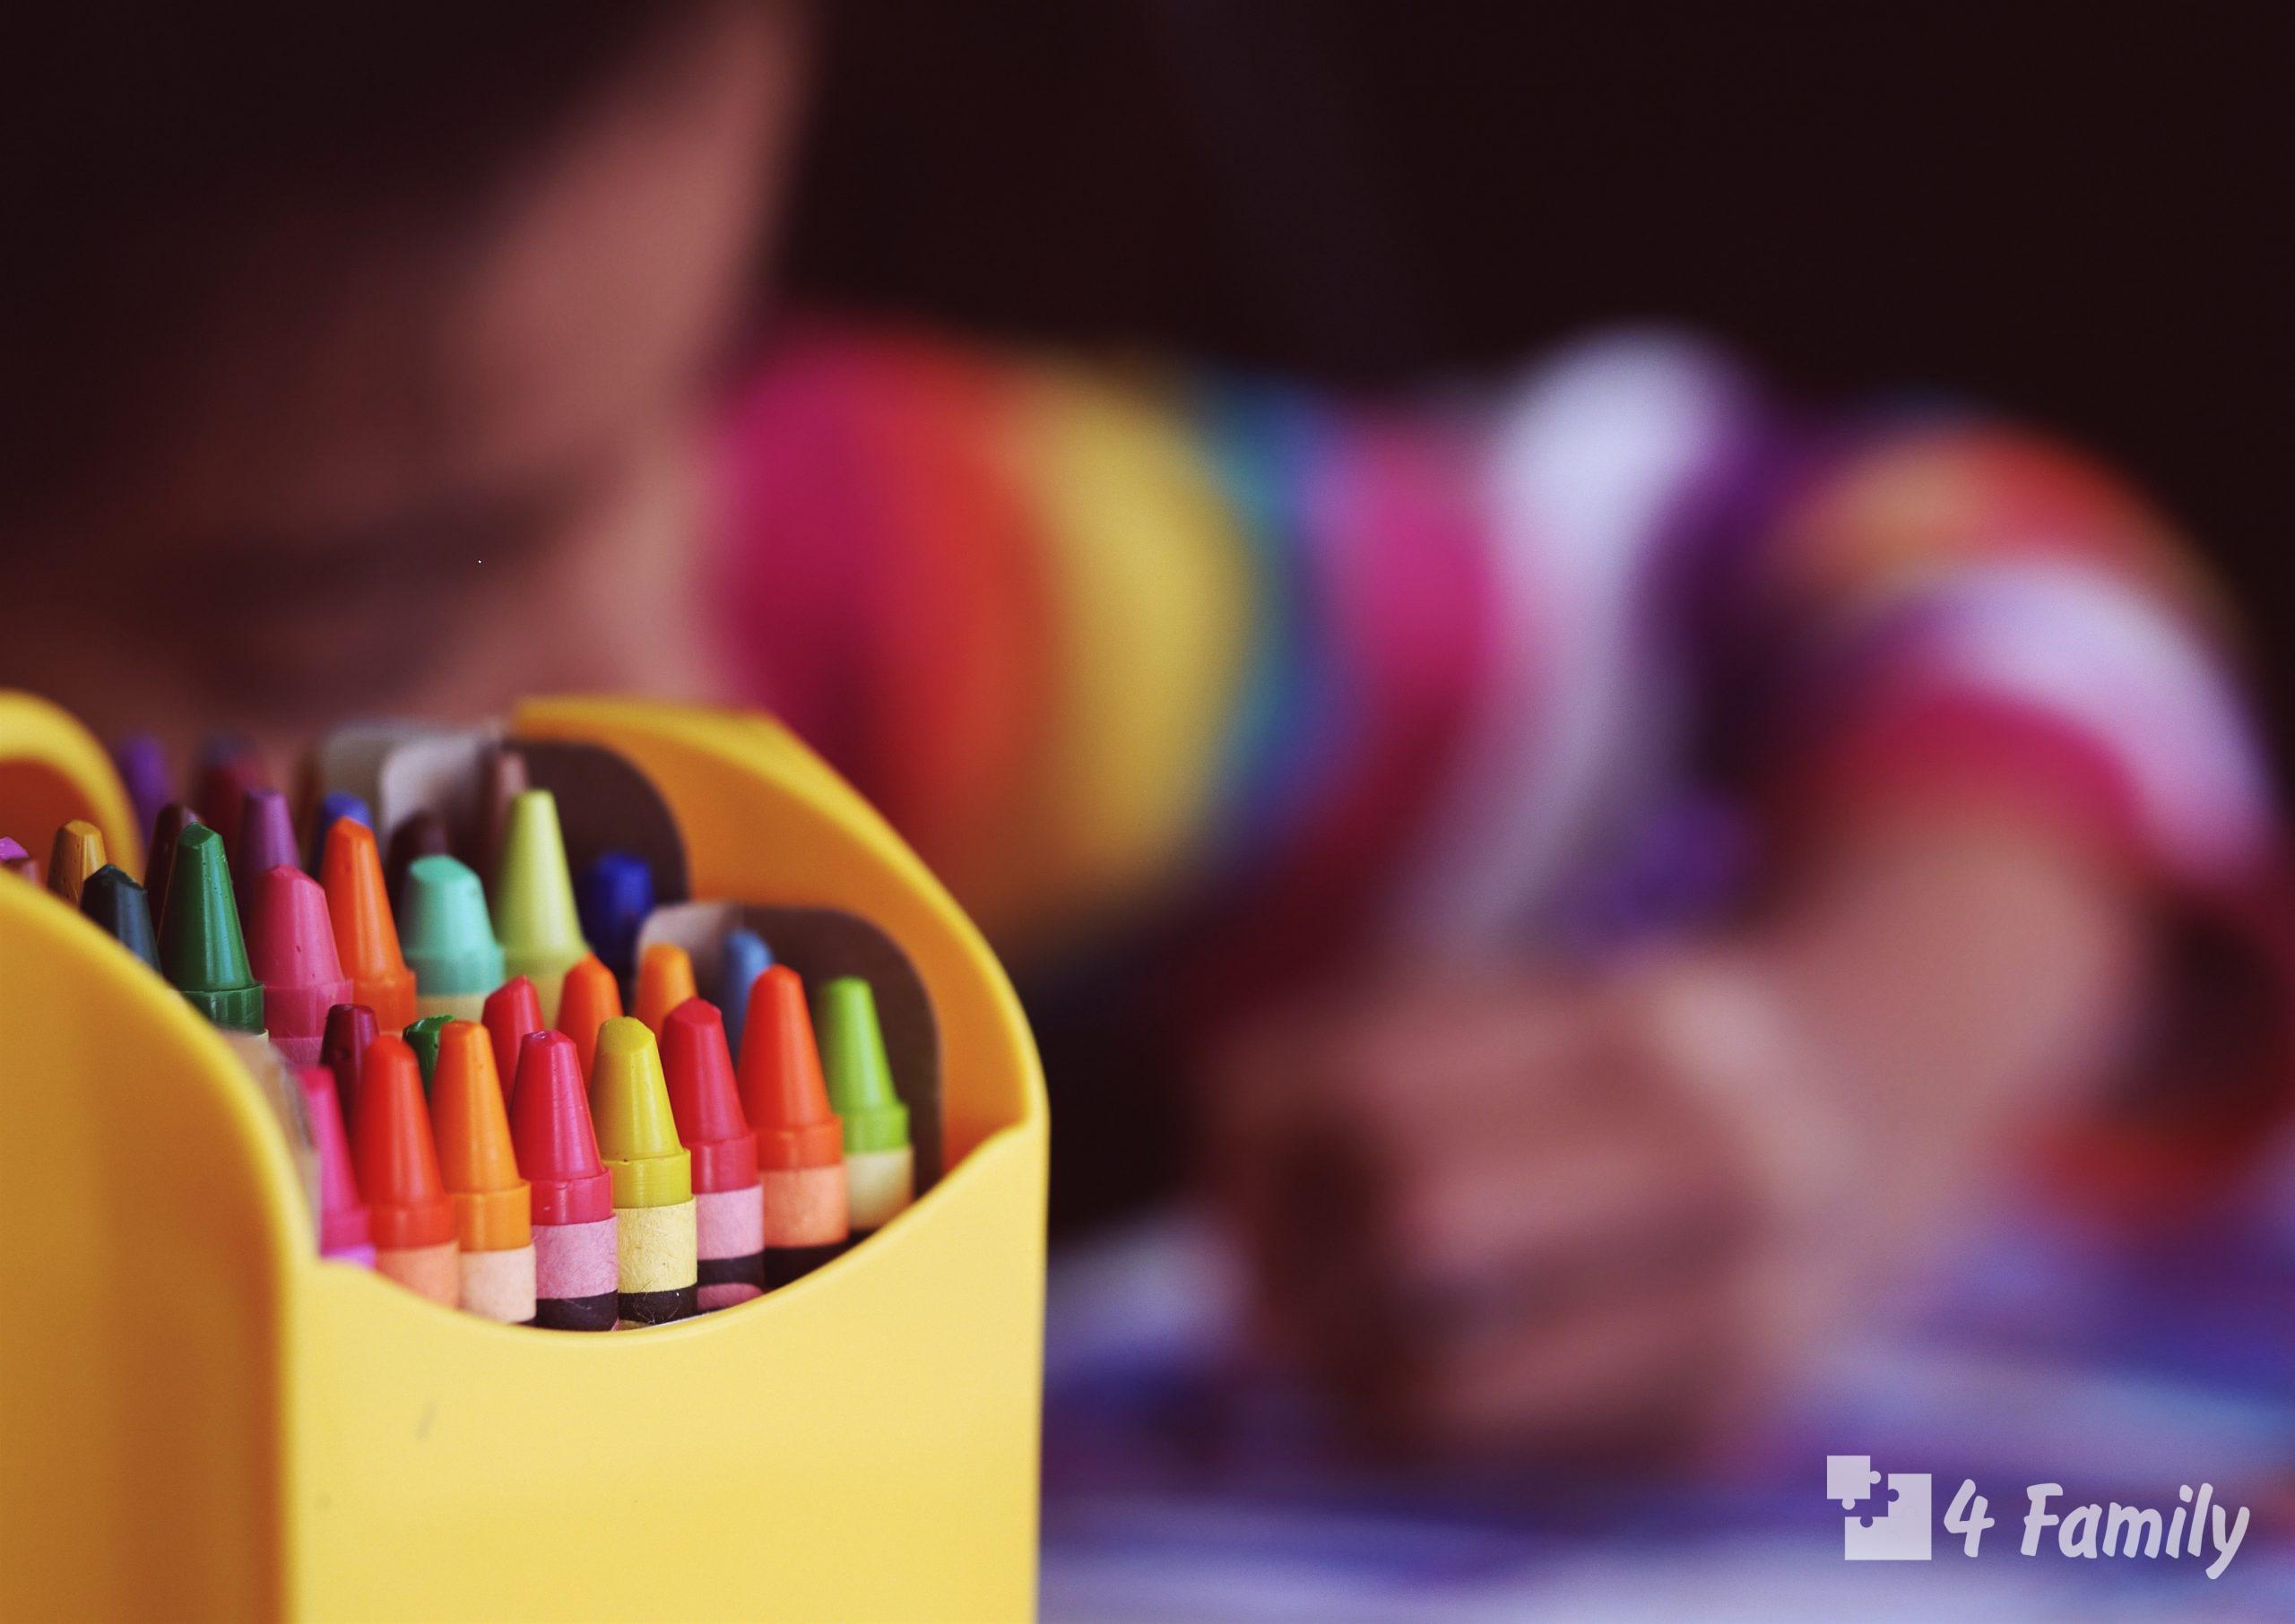 Фото. Как упростить адаптацию ребенку в новом окружении